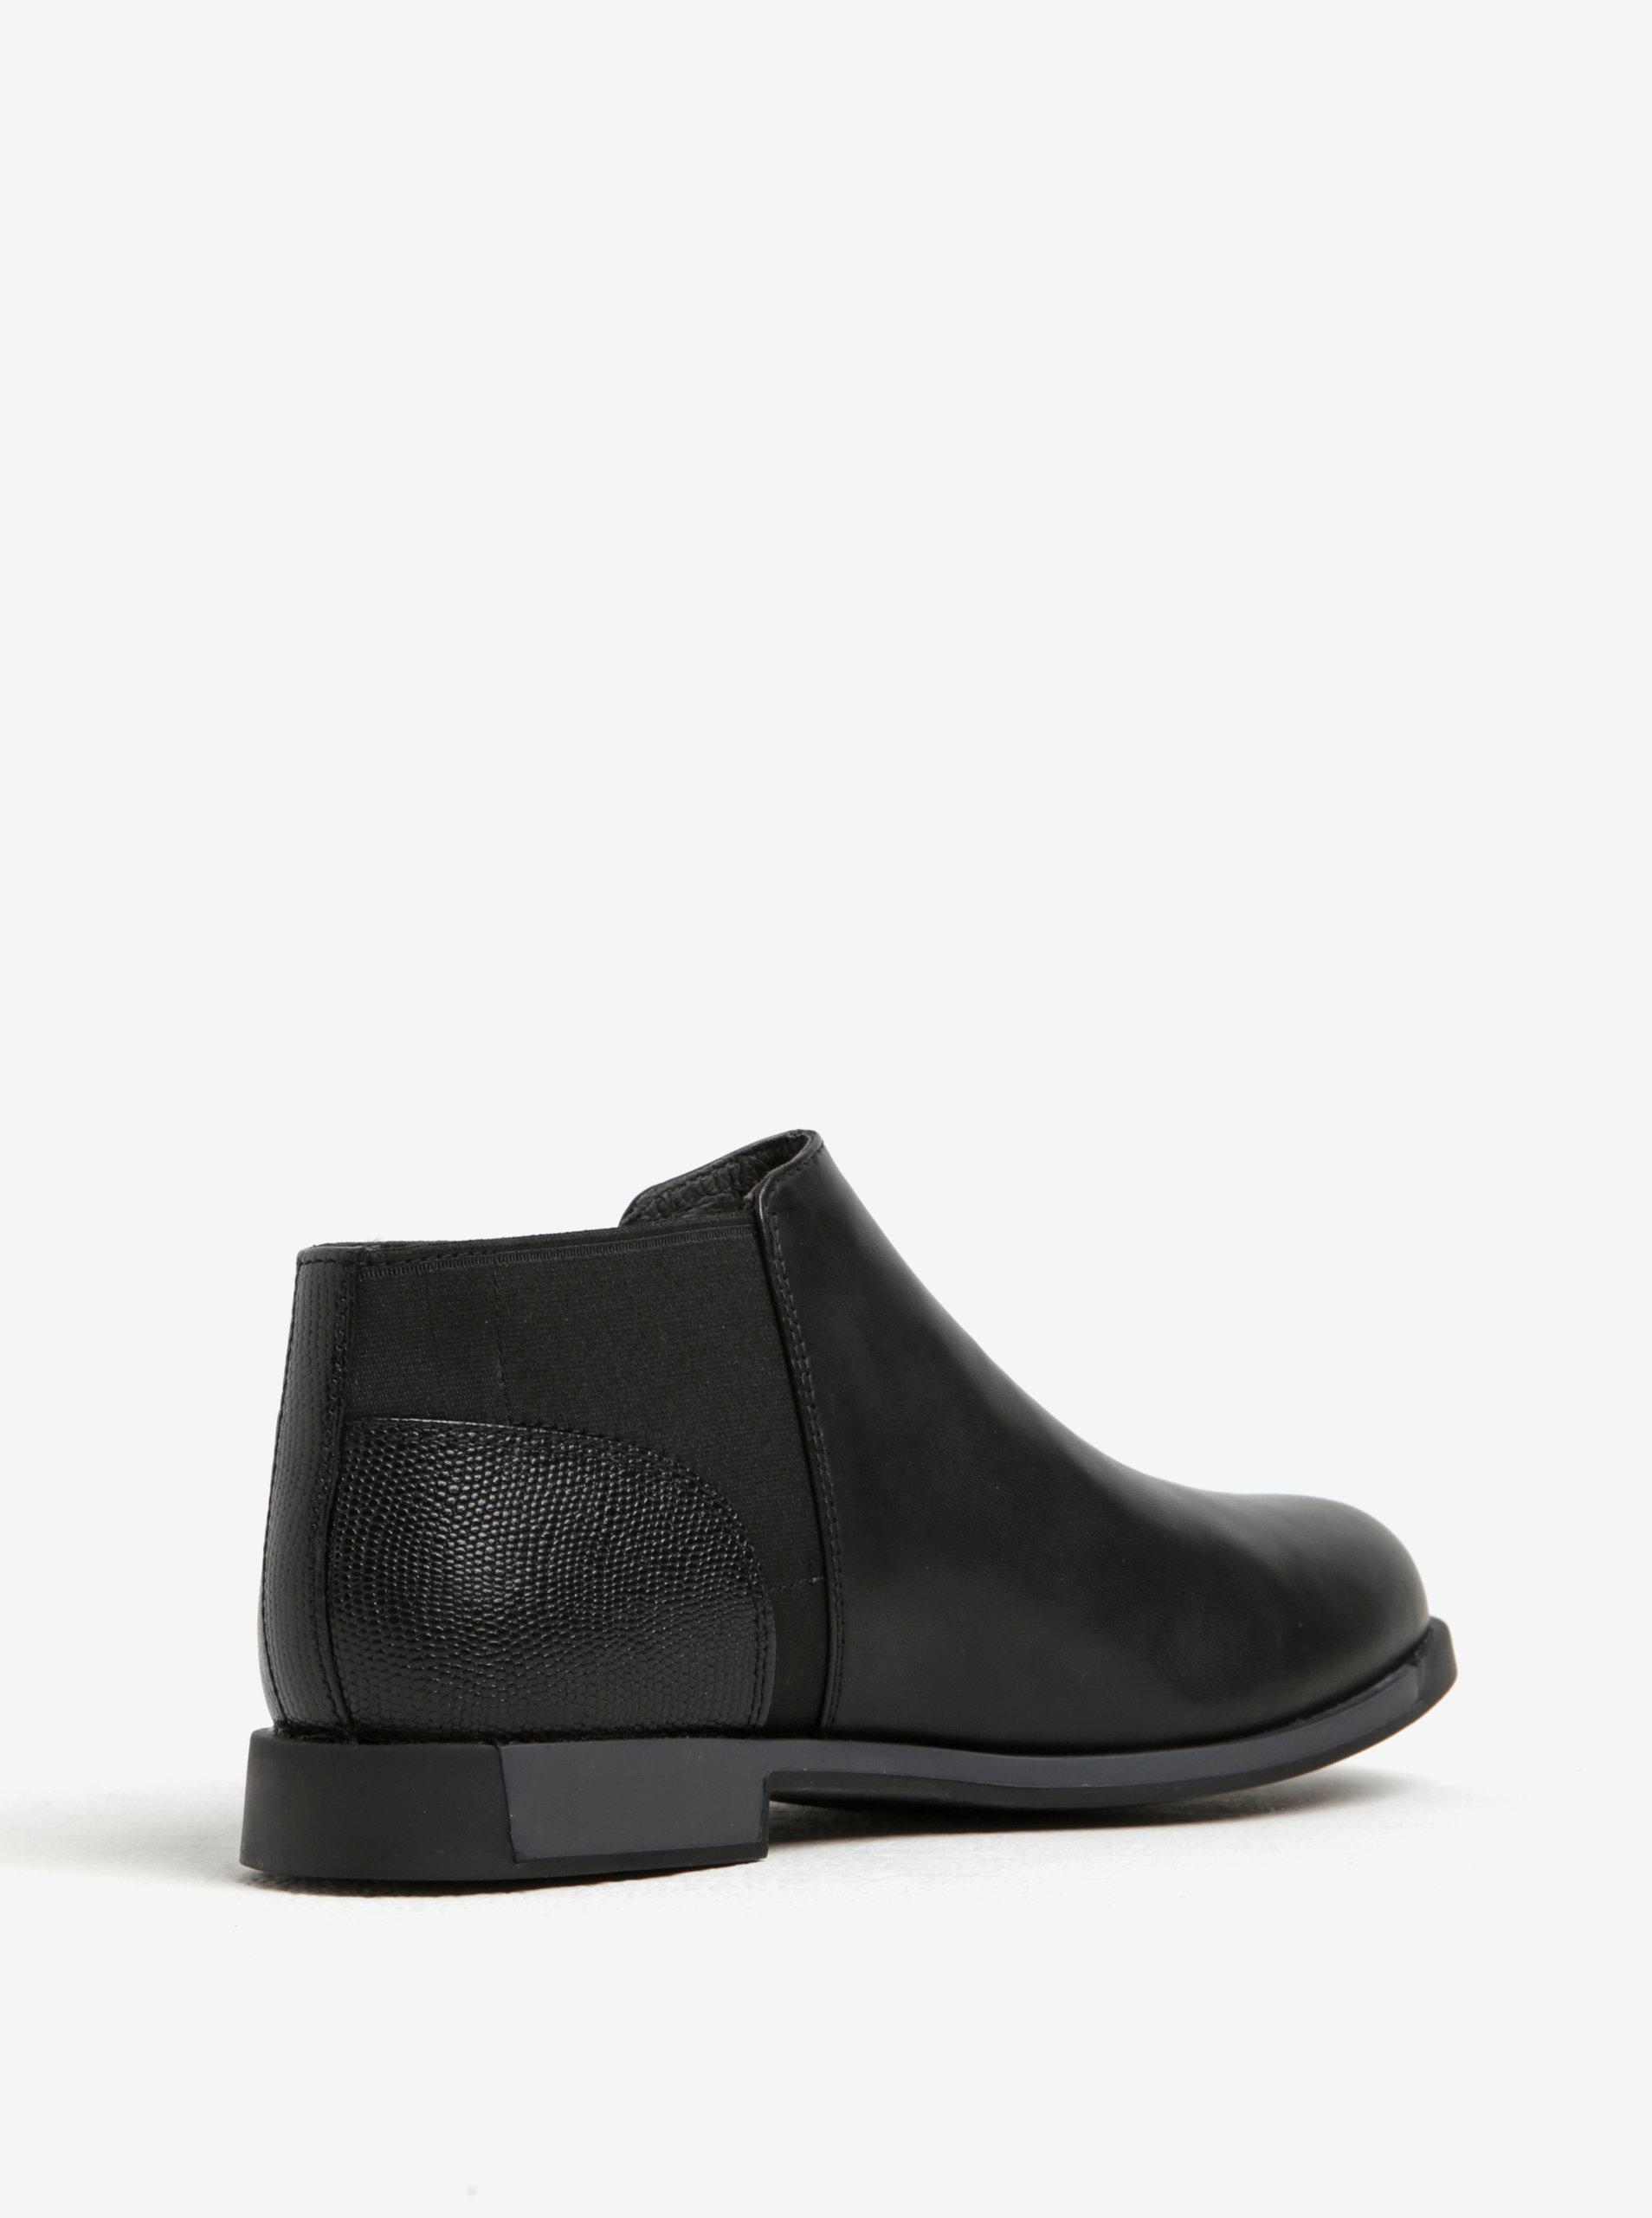 c65e4fb2a0849 Čierne dámske kožené nízke chelsea topánky Camper | ZOOT.sk